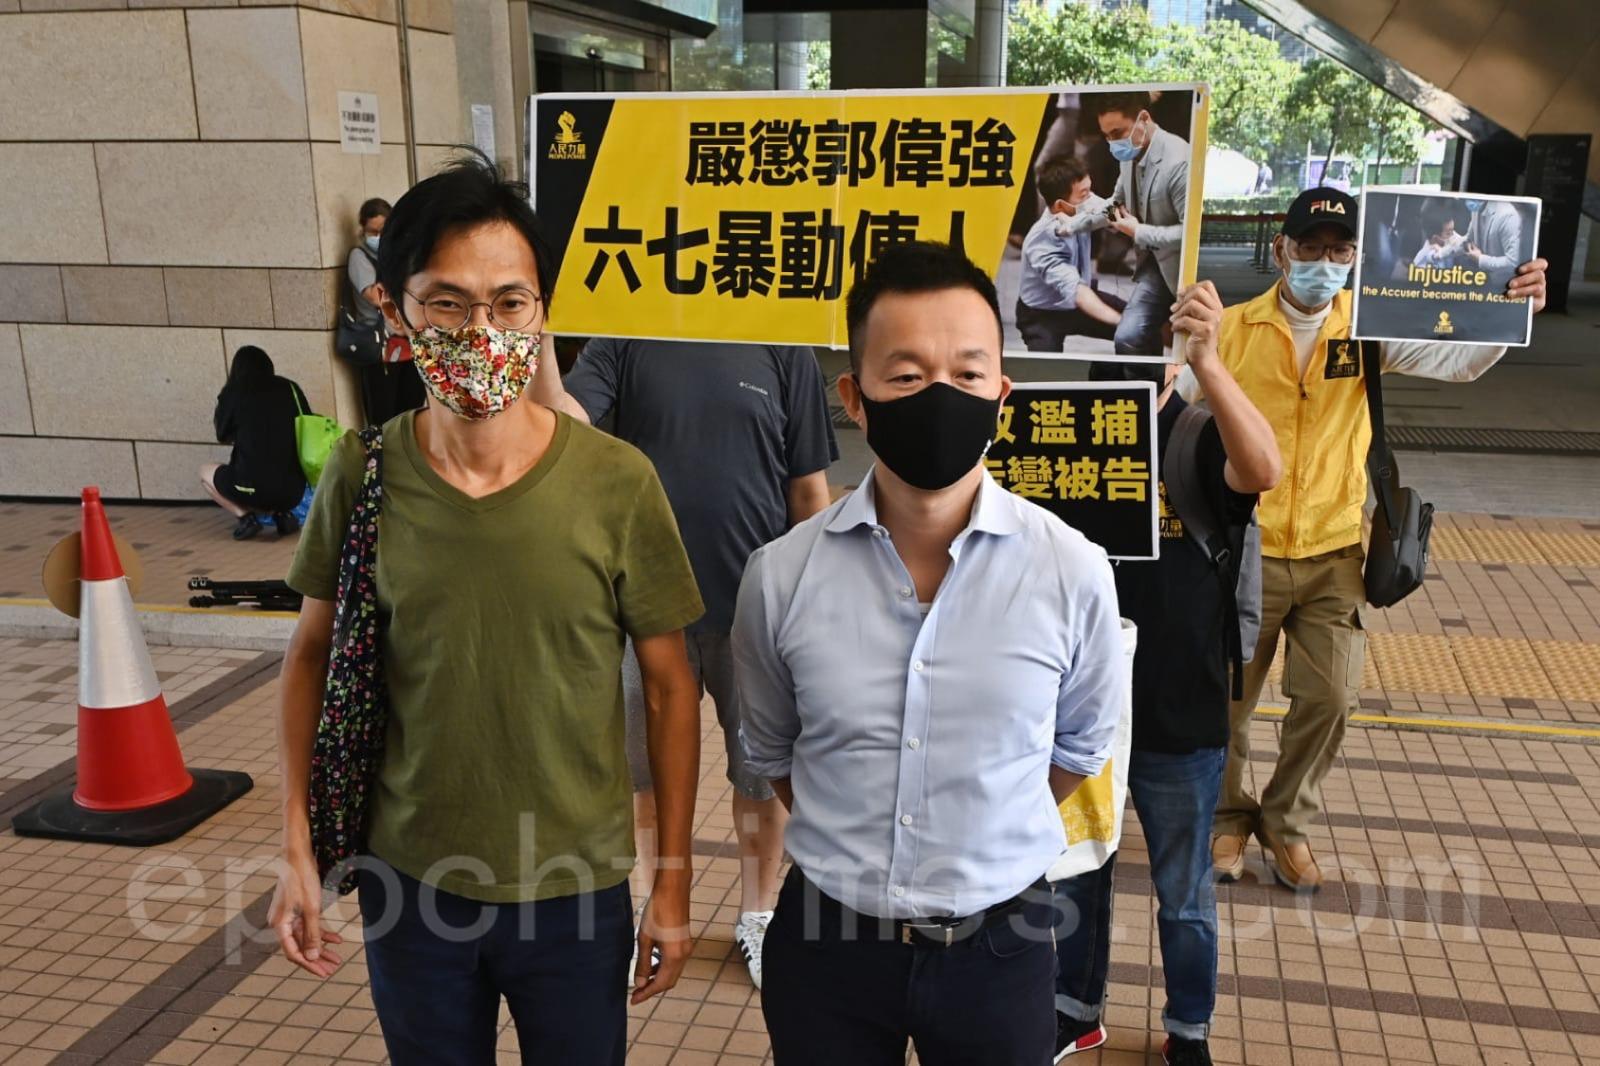 陳志全表示,11月6日收到律政司通知,決定不起訴郭偉強,且無提供任何理由。(宋碧龍/大紀元)